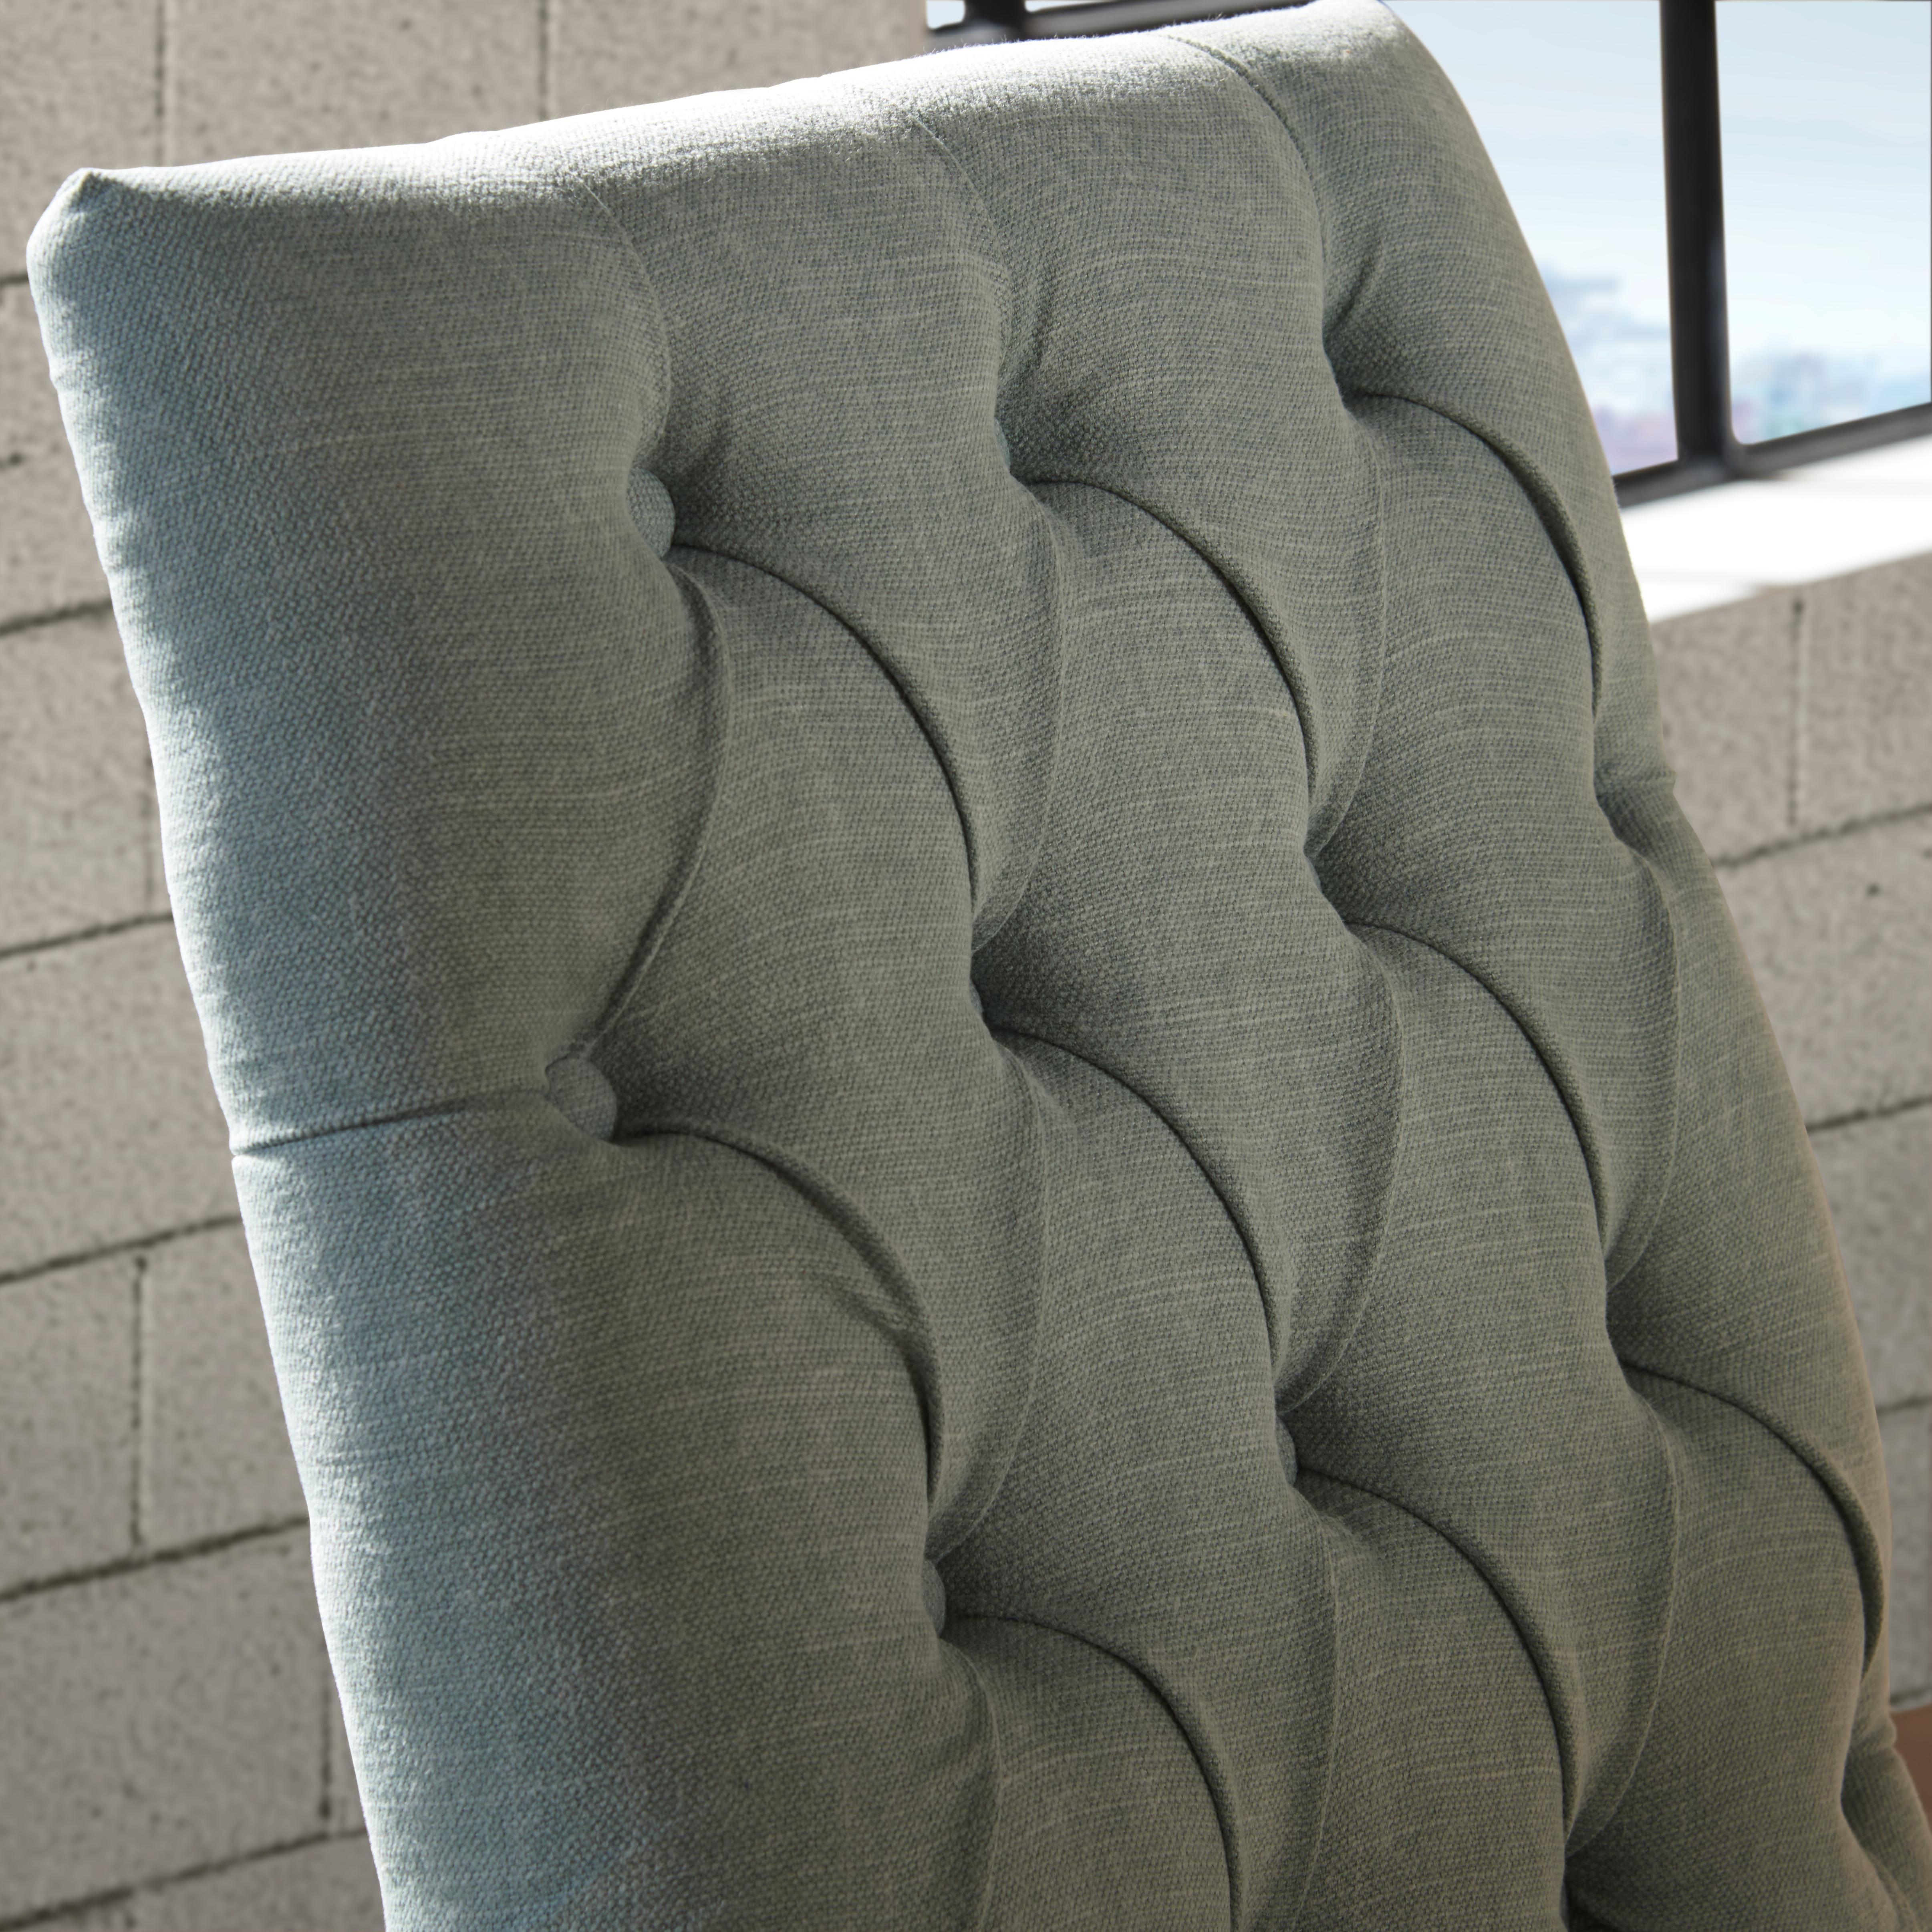 Country kann auch edel sein. Stühle mit einem eleganten Knopfdetail und einer klassischen Landhausfarbe helfen dabei, das einfache Bauernhaus zum herrschaftlichen Landhaus umzugestalten. Mit den passenden Möbeln in Massivholz und Wohnaccessoires in Weiß, gestaltet ihr euren perfekten Country-Look.